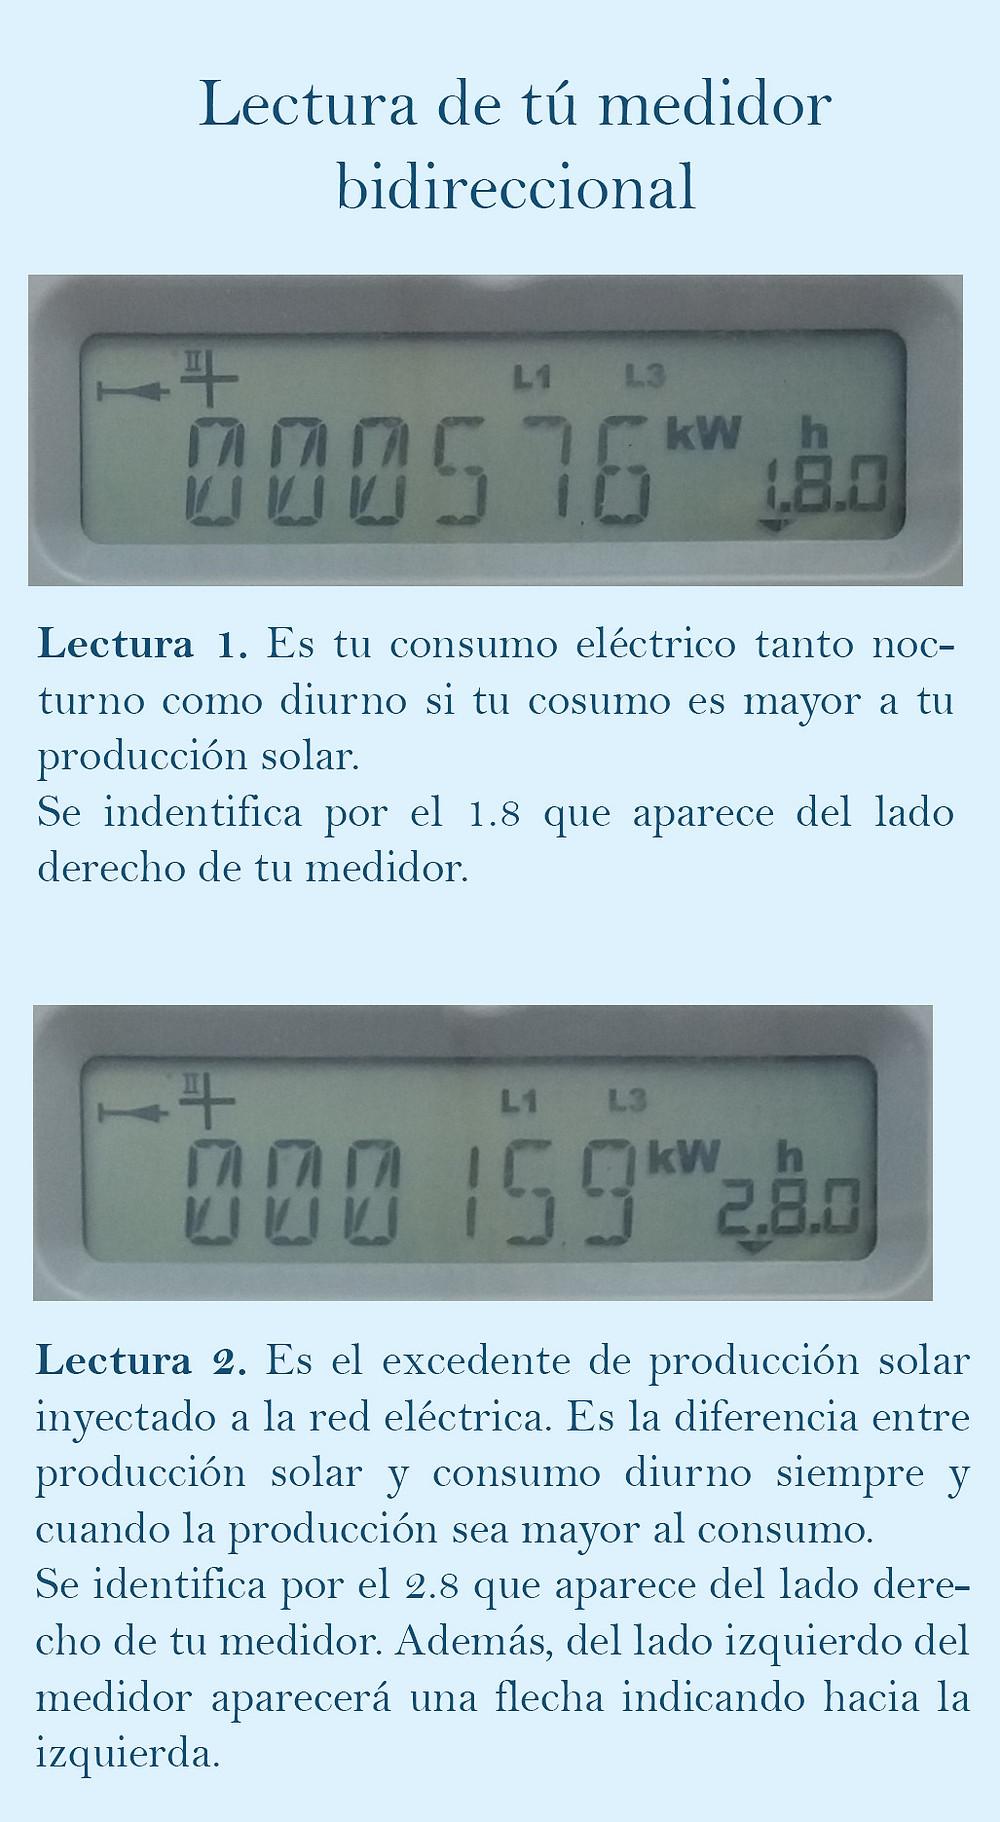 Aquí te mostramos como es la lectura de tú medidor bidireccional.